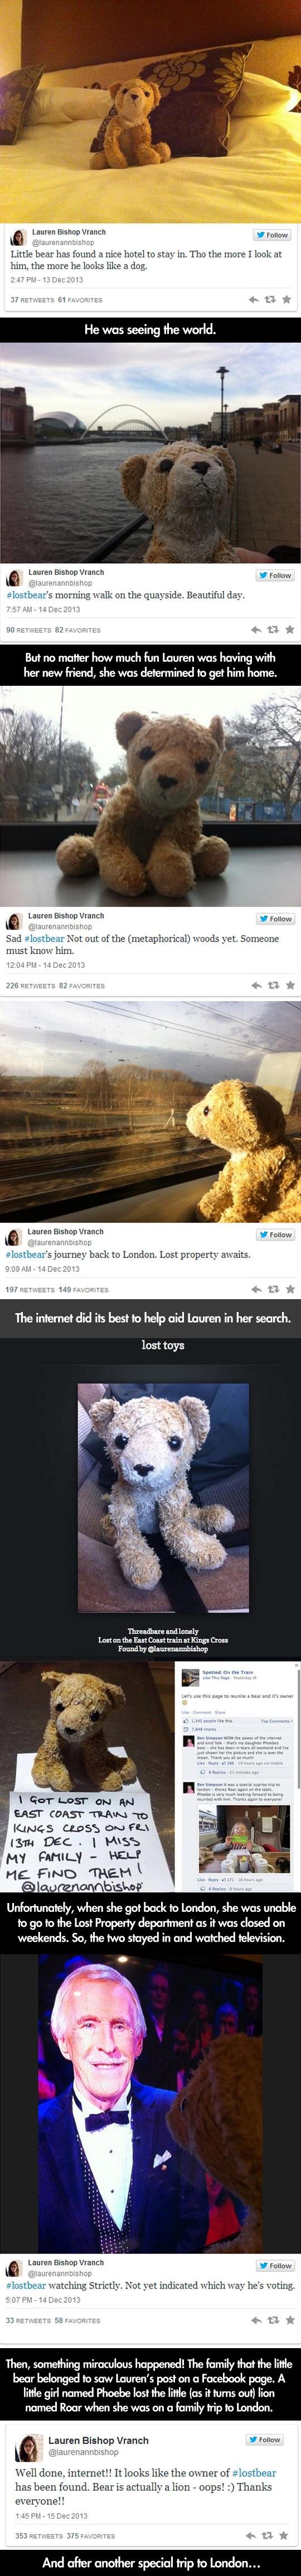 teddy-bear2